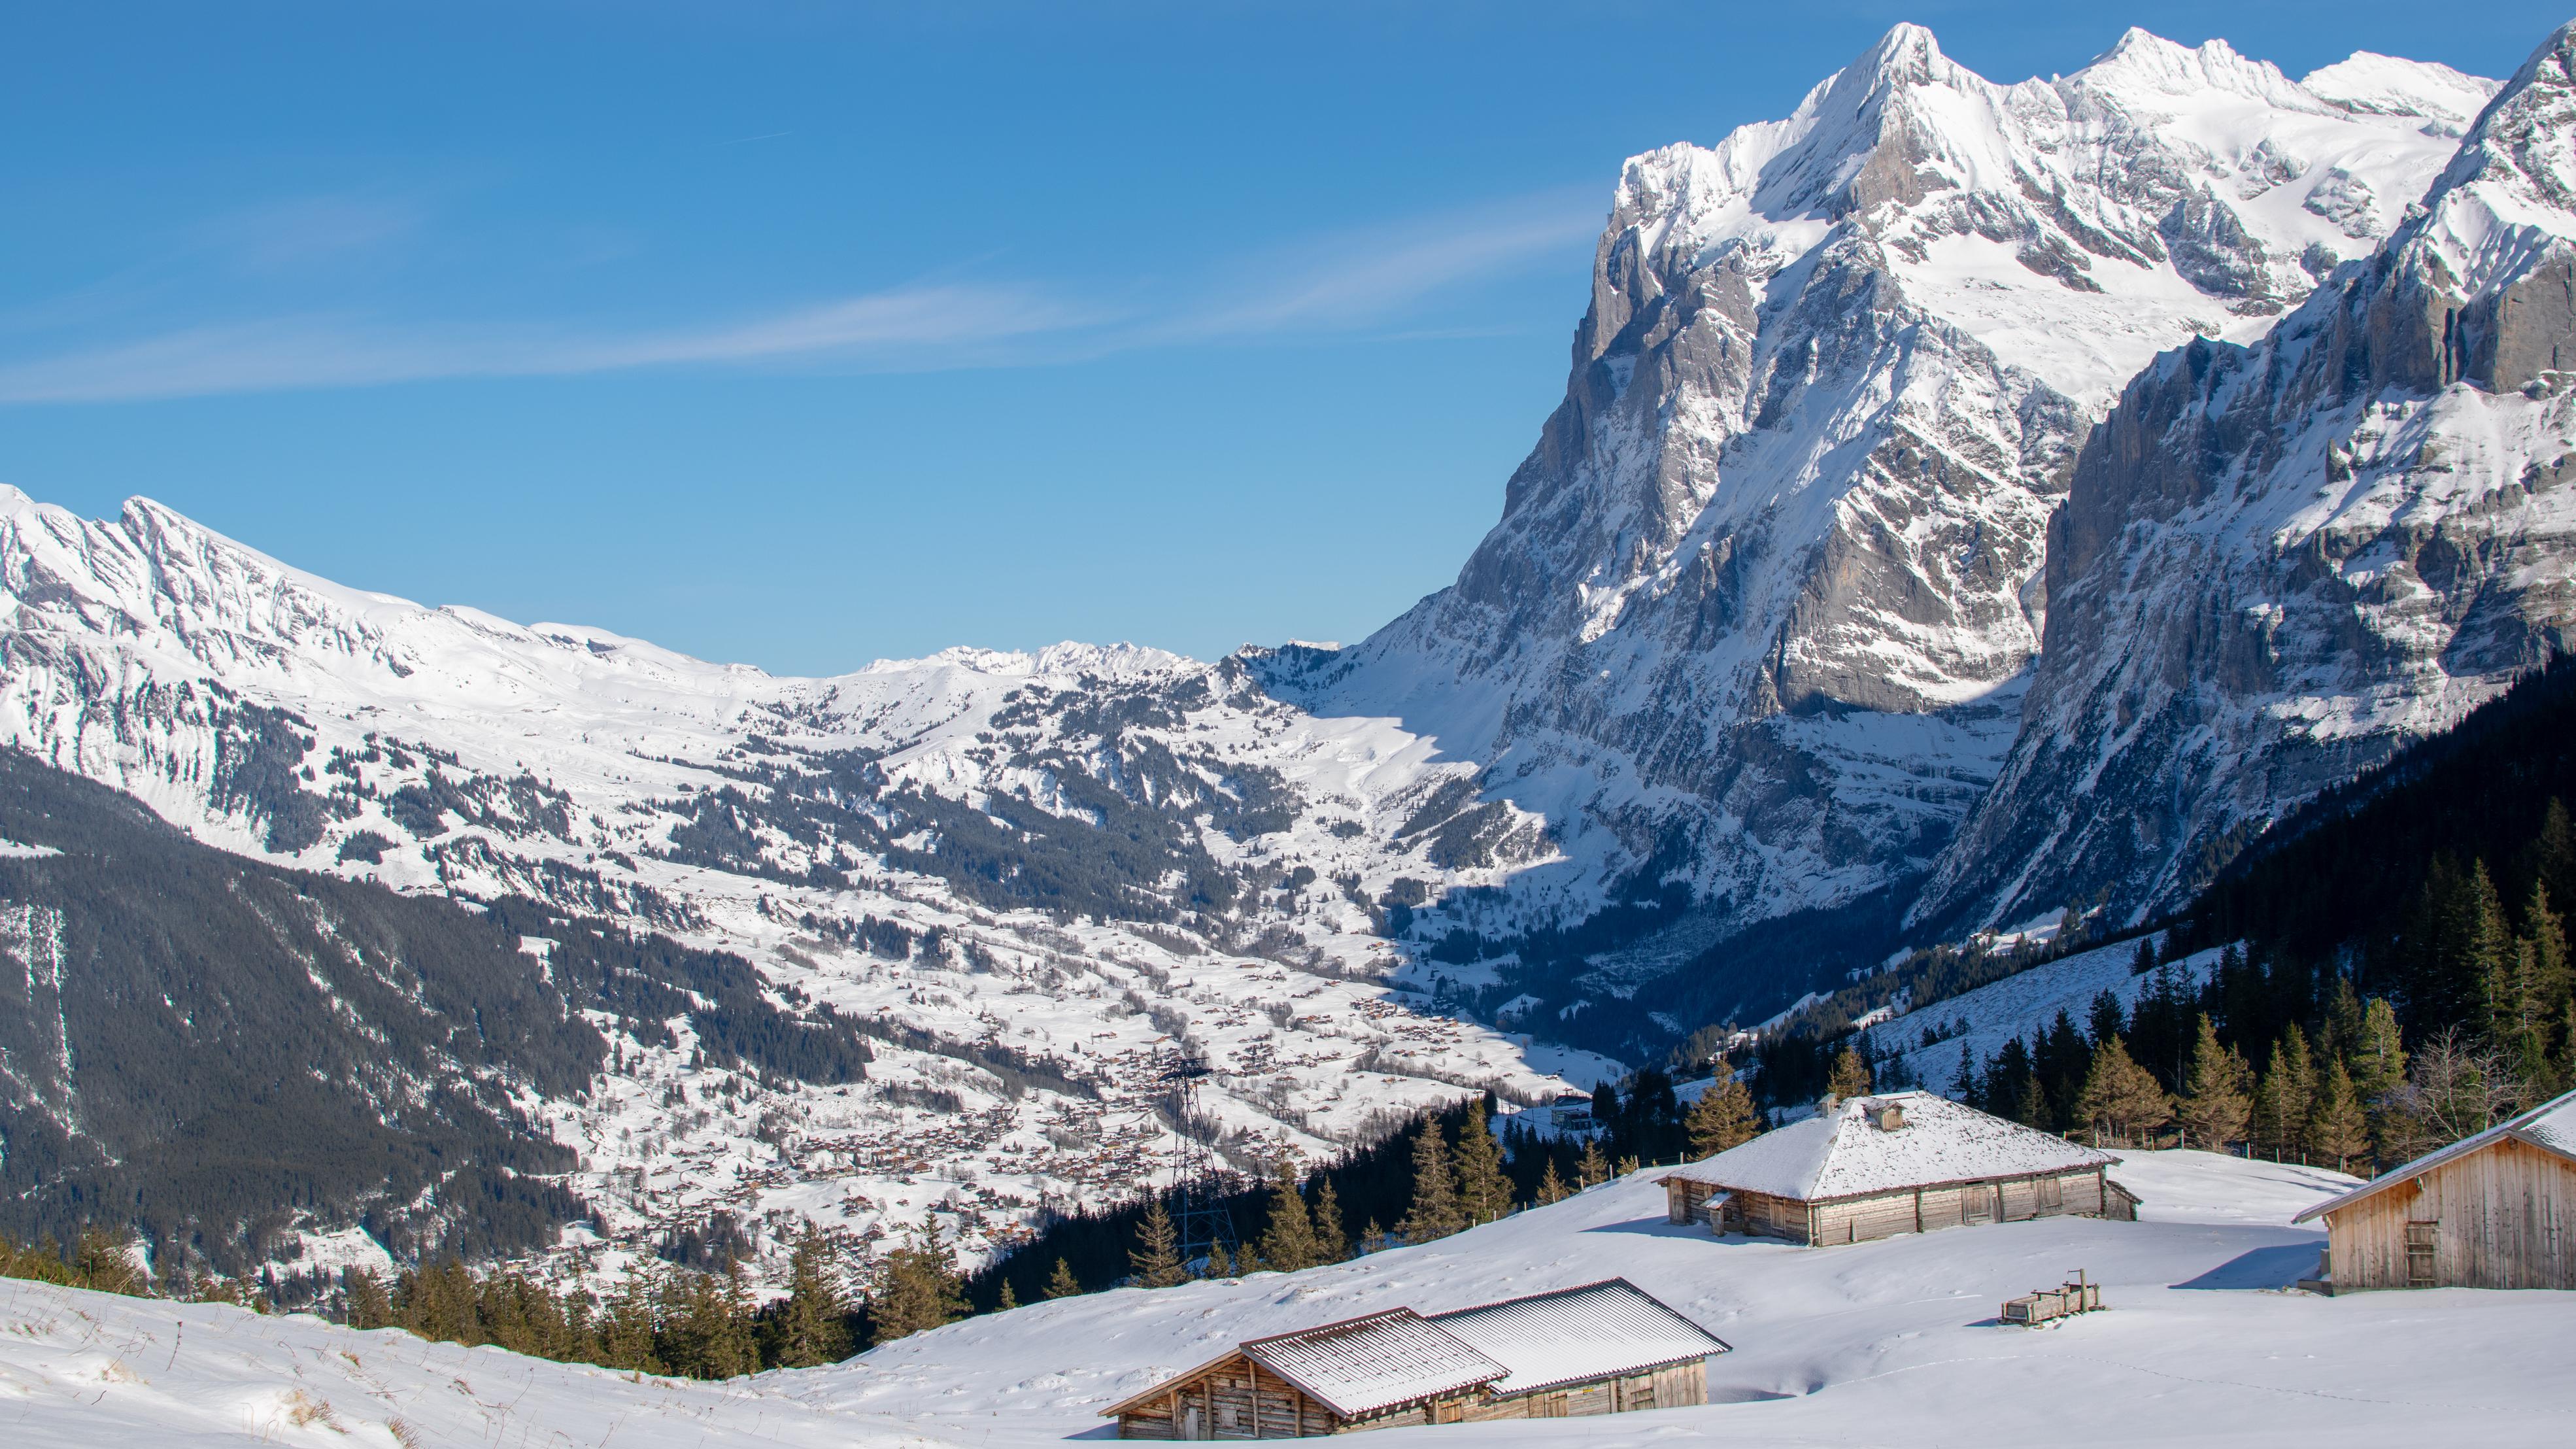 Widok na Grindelwald z przełęczy Kleine Scheidegg